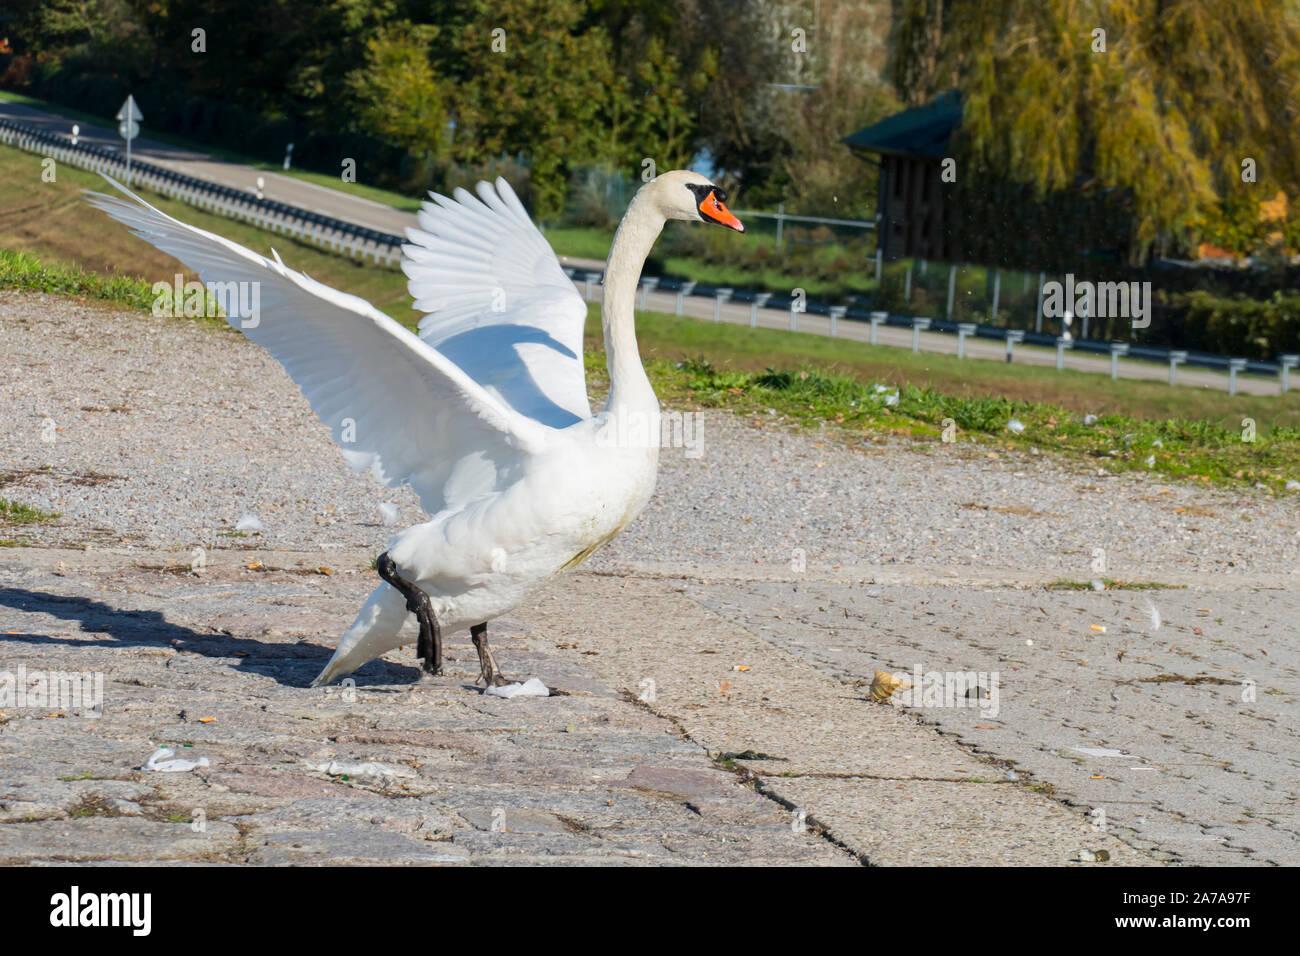 Schwan greift an und schlägt dabei wild mit seinen Flügeln Stock Photo